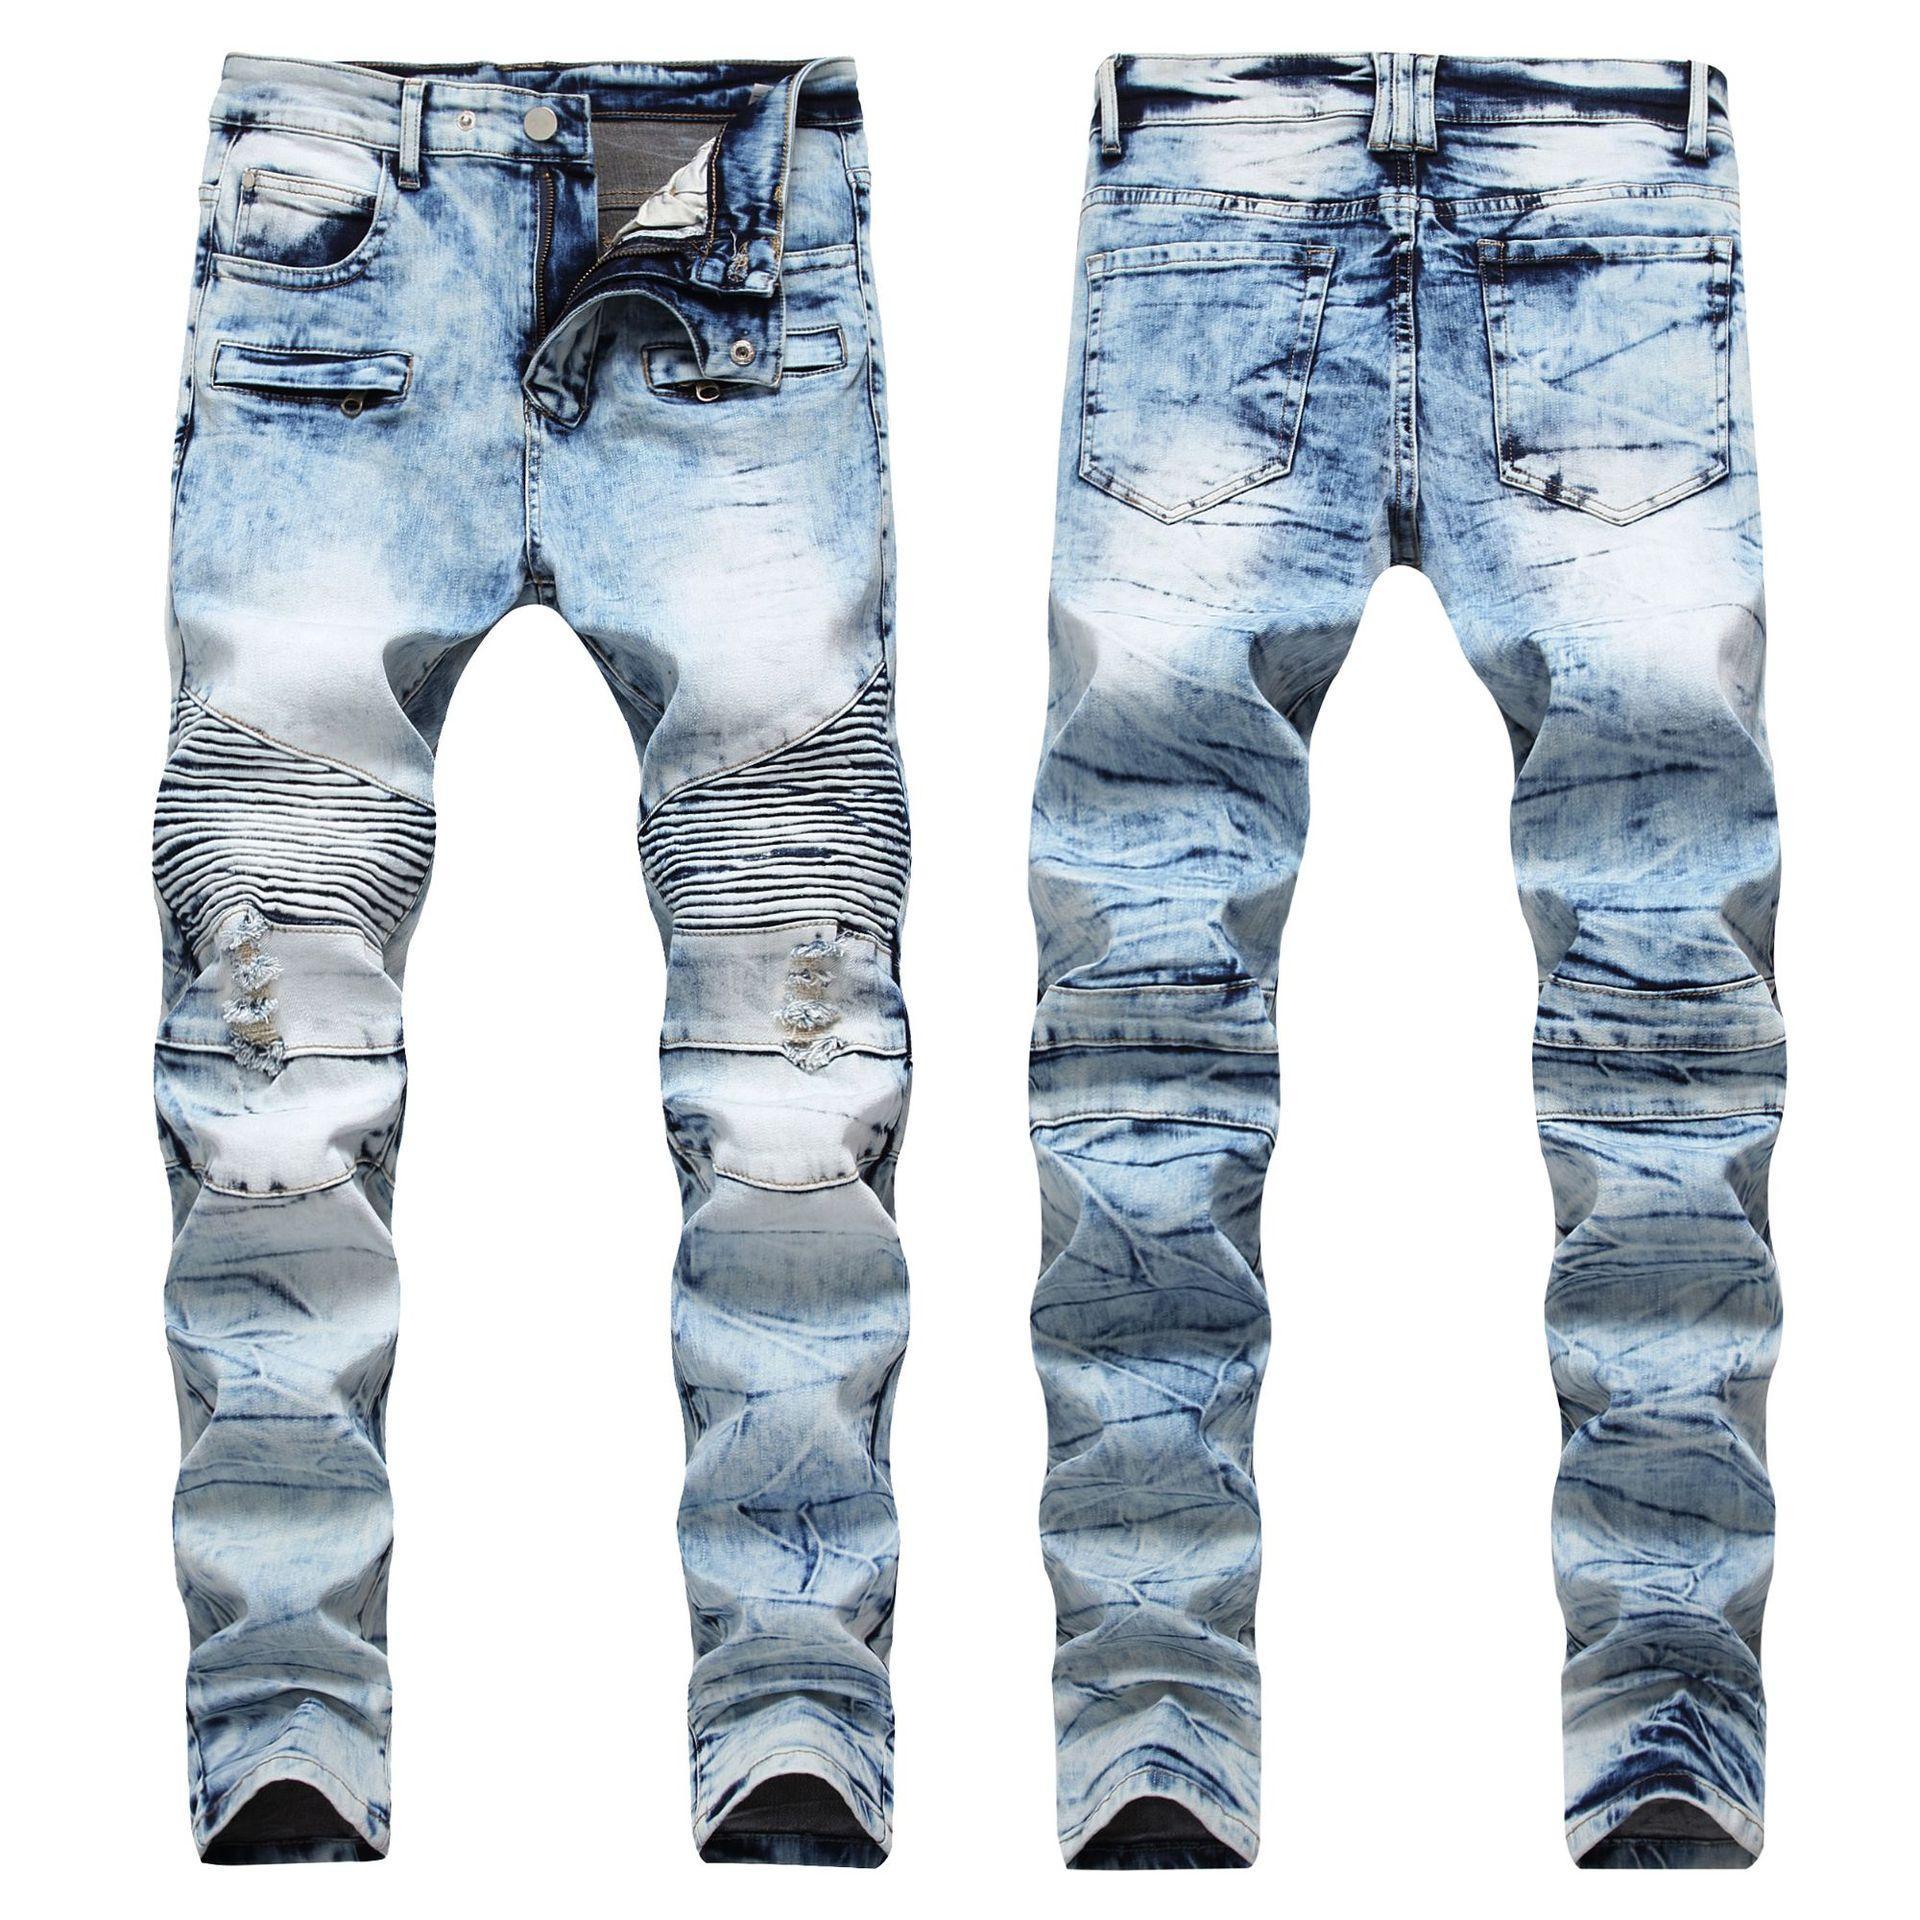 Compre 2018 Nuevos Pantalones Vaqueros Para Hombres Europeos Y Americanos Pantalon Para Pies Doblados Pantalones Vaqueros De Comercio Exterior Que Se Muestran Mas Rectos A 31 72 Del Eastfashionstore123 Dhgate Com